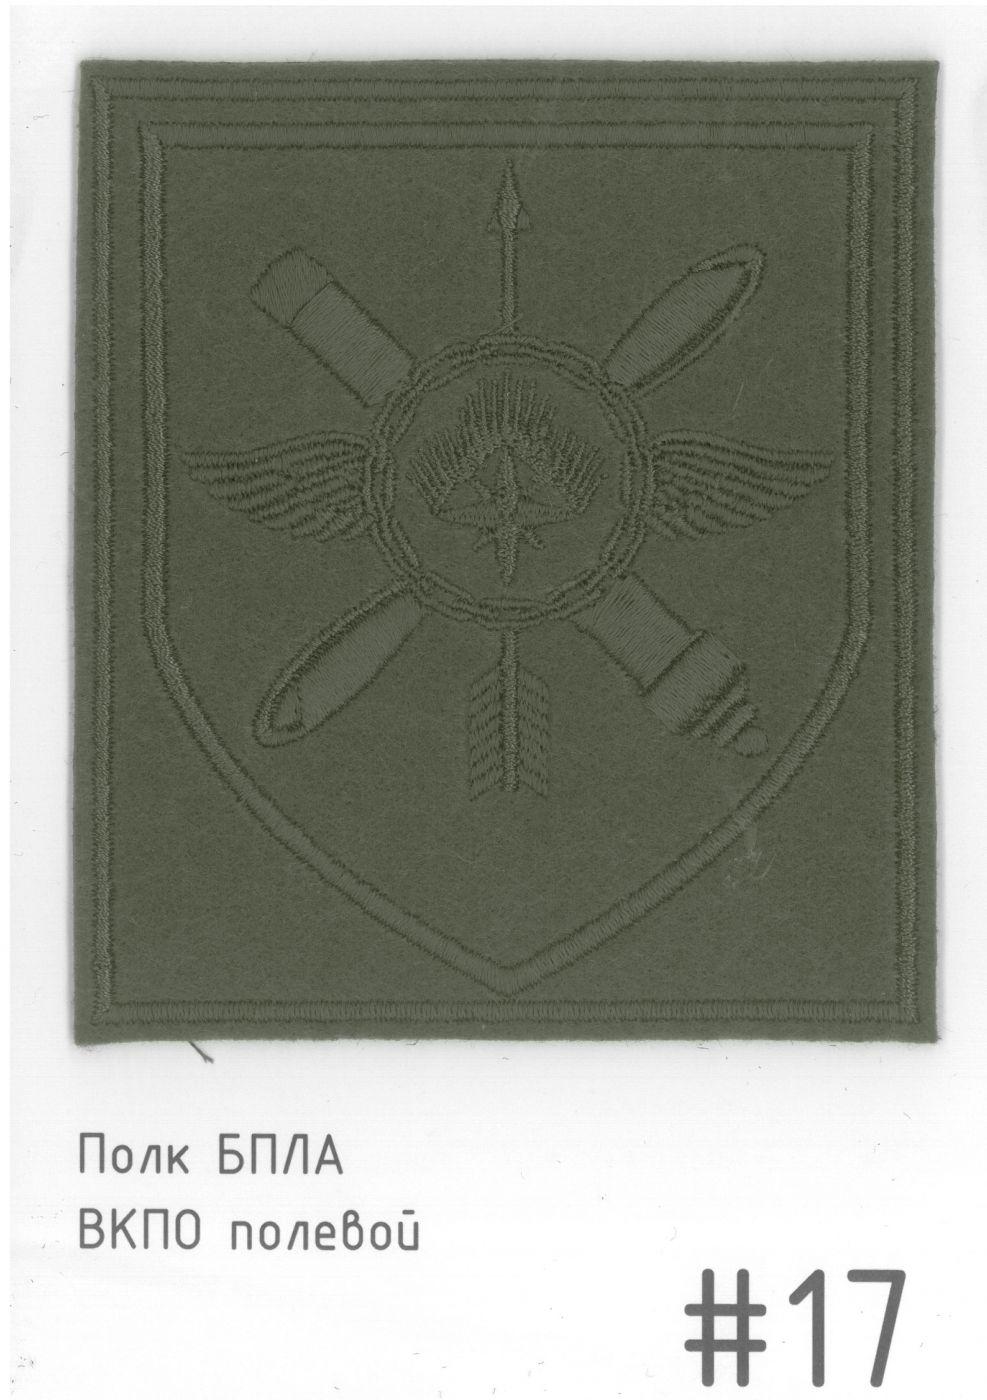 Шеврон Полк БПЛА ВКПО полевой.